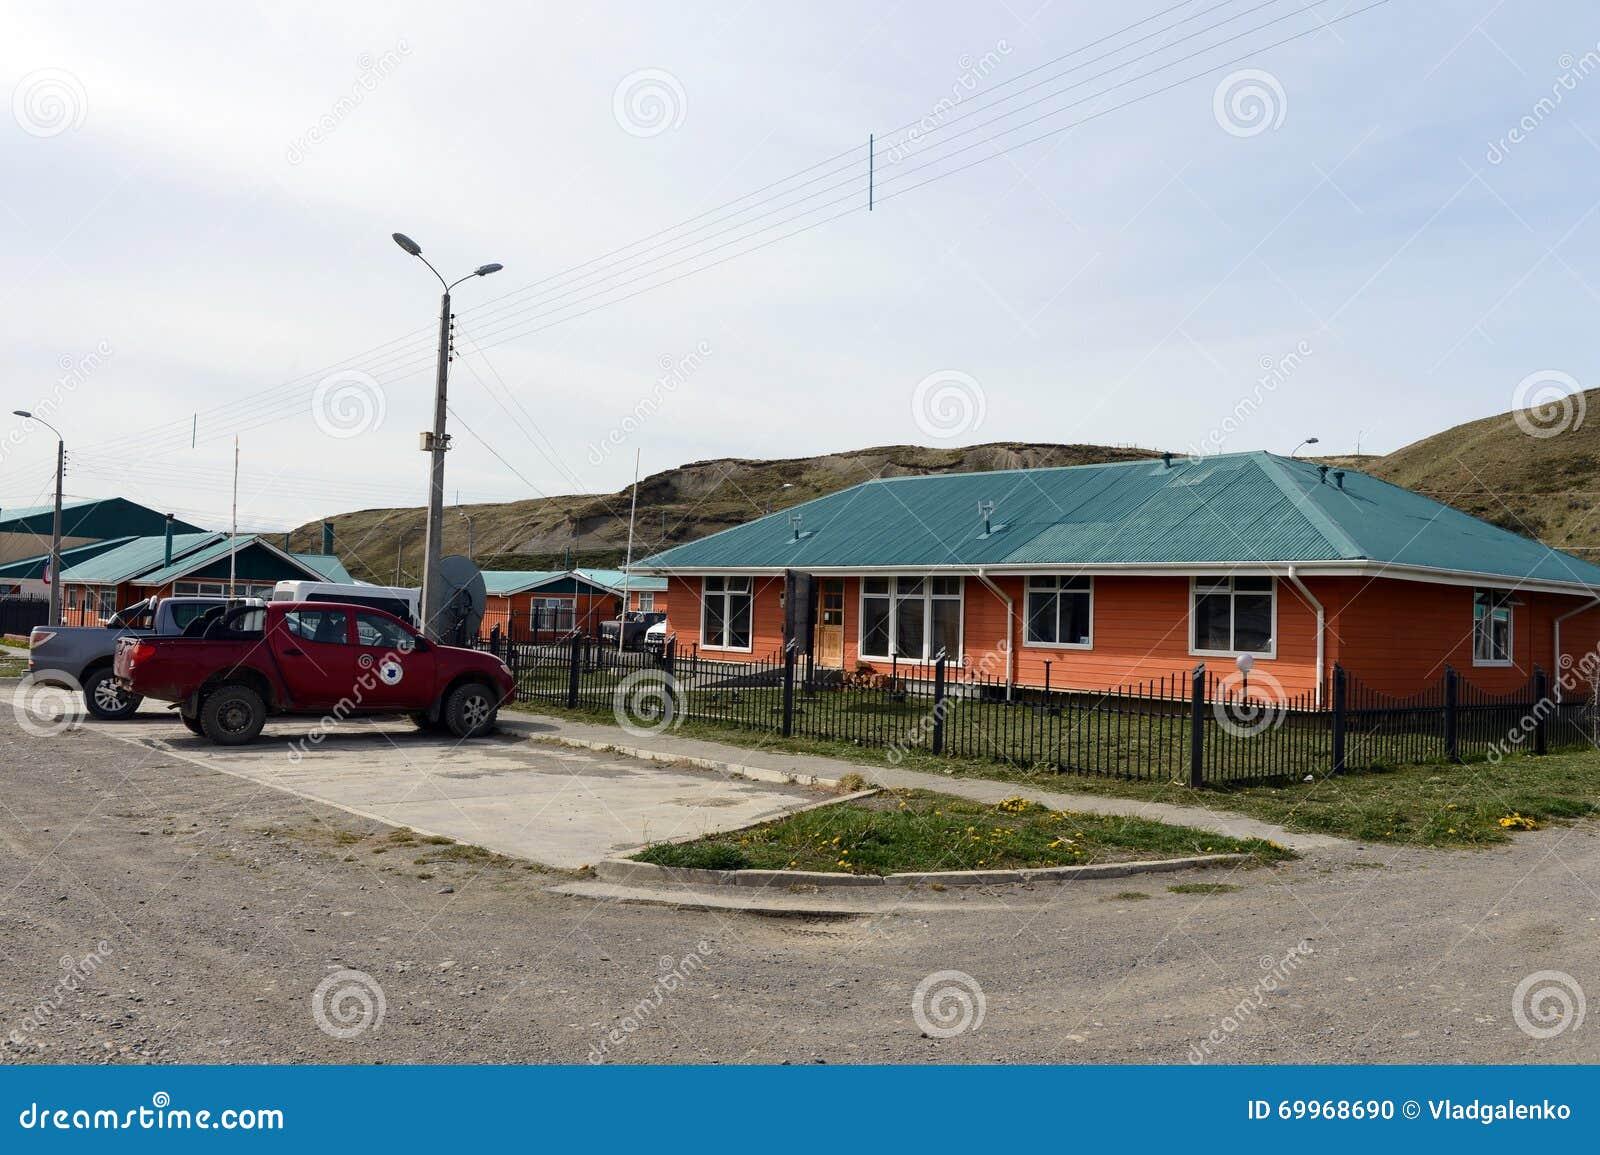 Temaukel的自治市的喀麦隆村庄中心 del fuego tierra